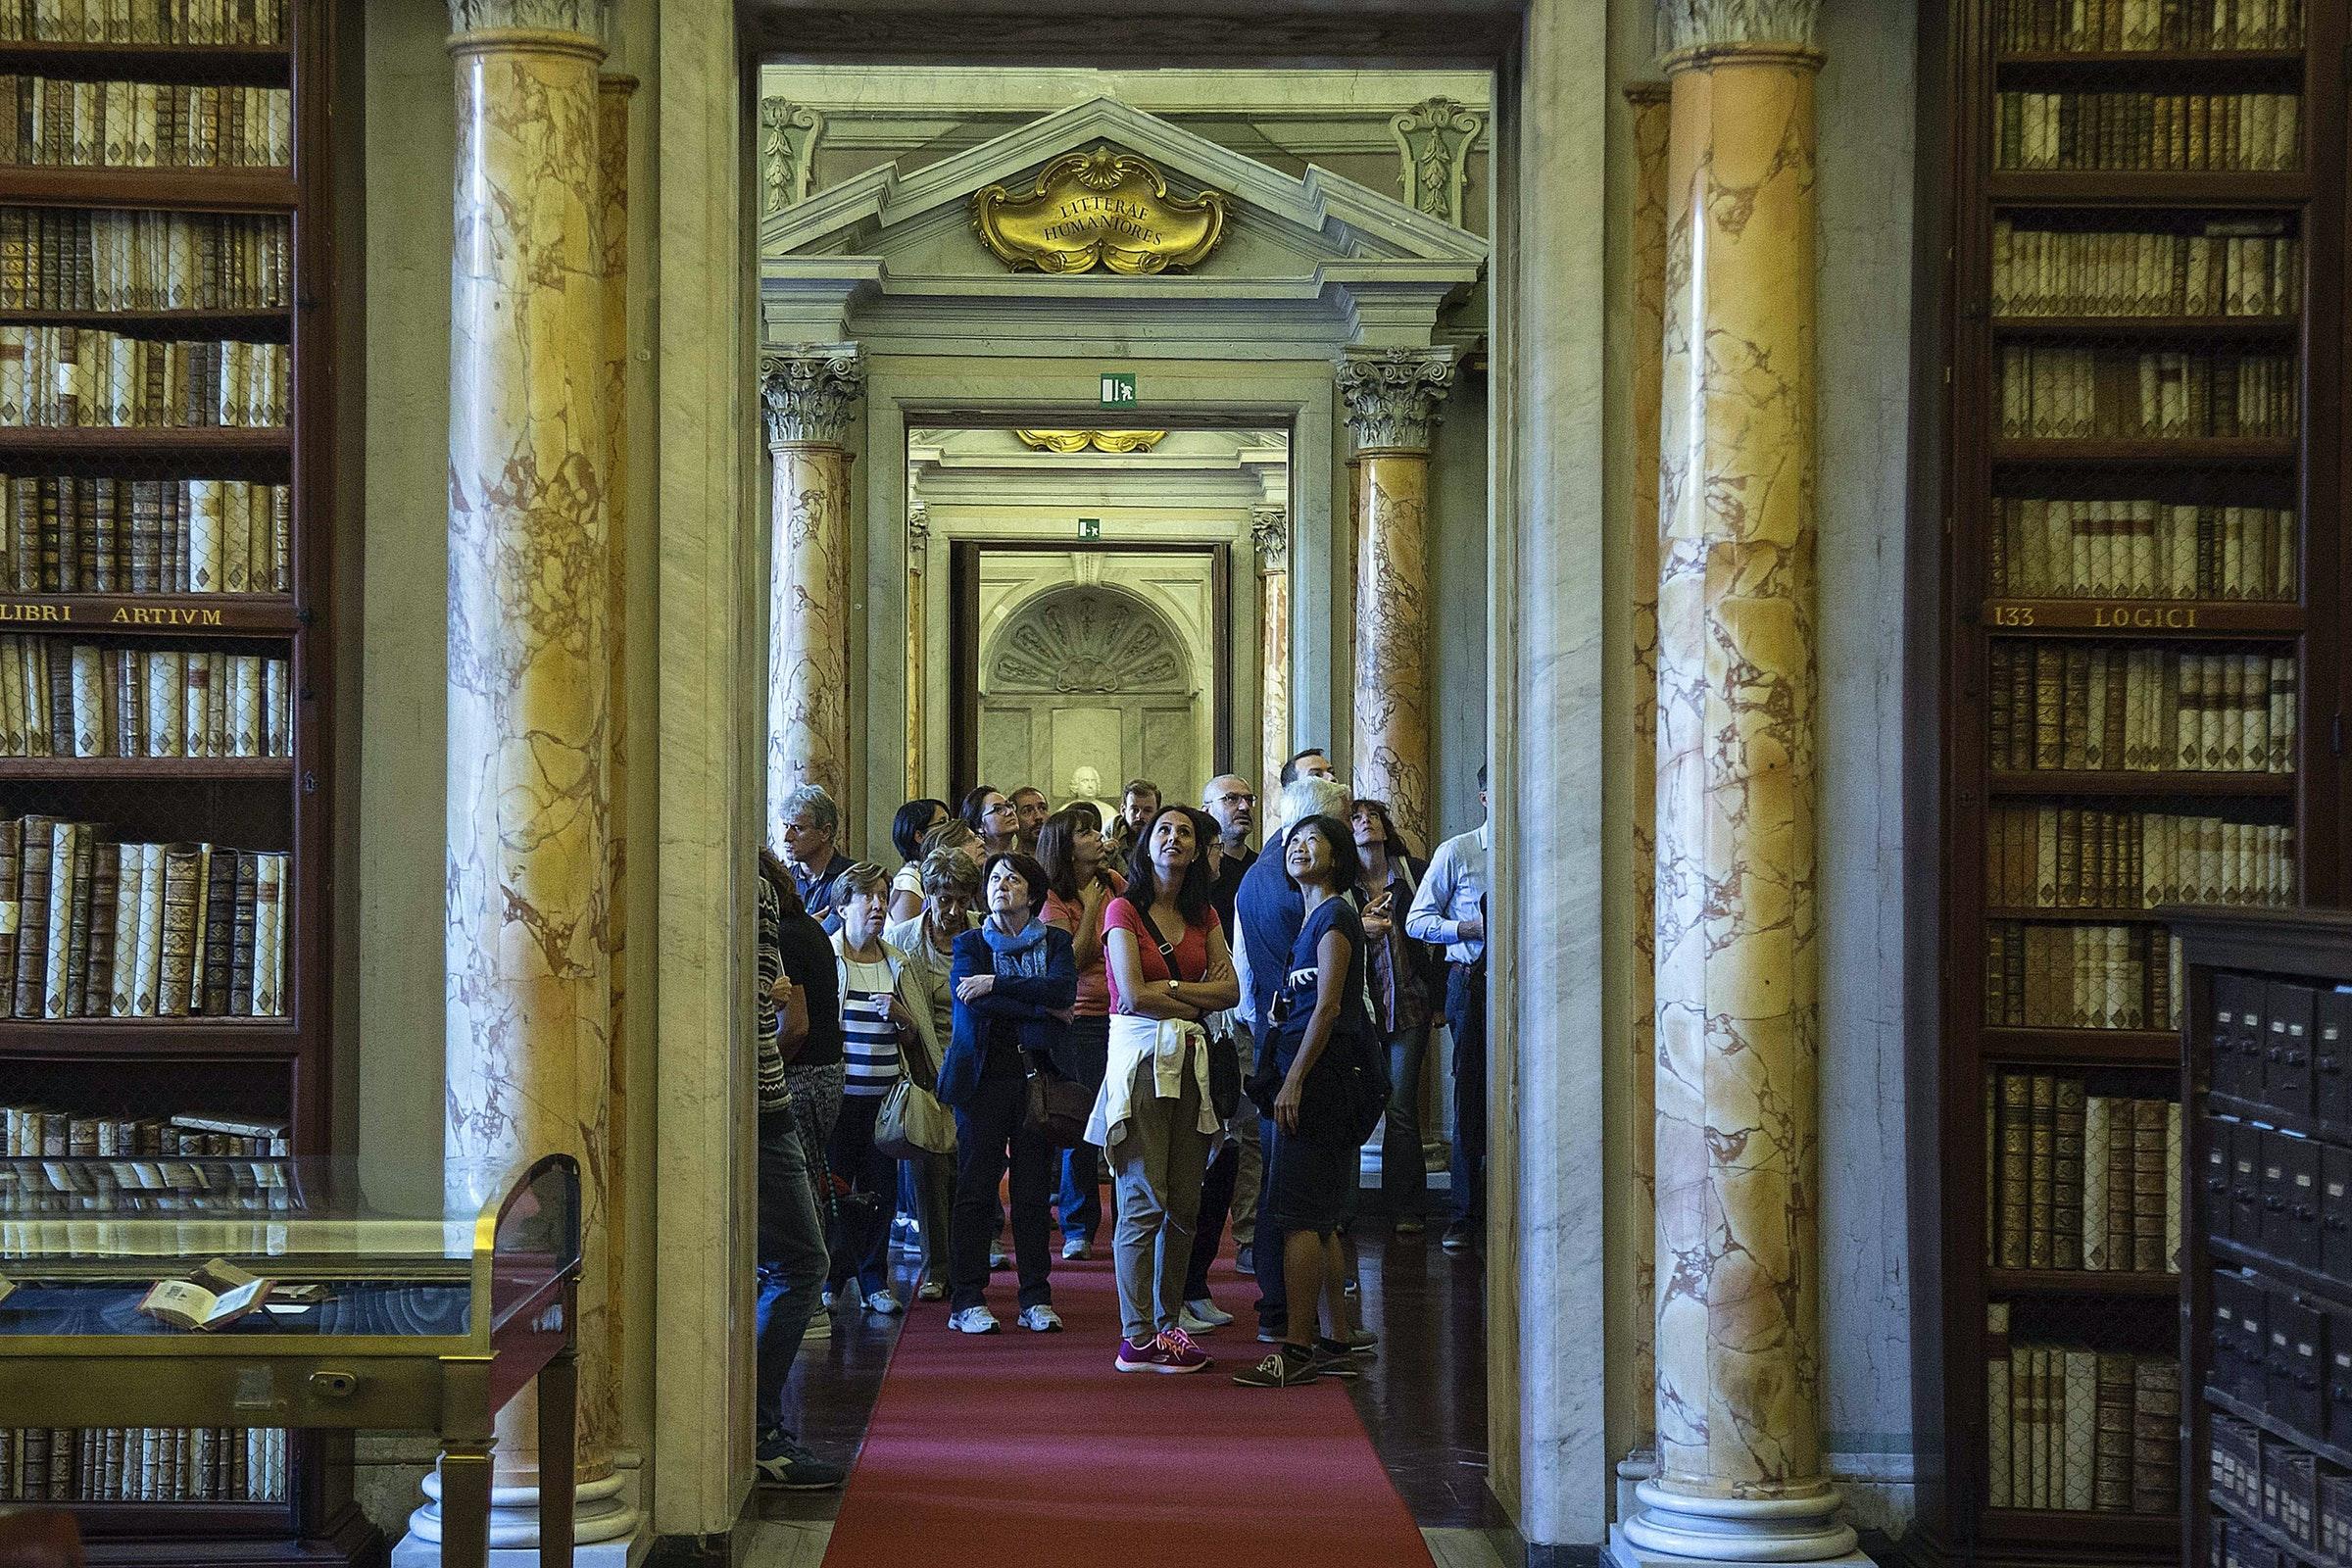 Visitatori alle Giornate FAI 2017 di Roma, Ph. Stefano Dal Pozzolo © Archivio FAI